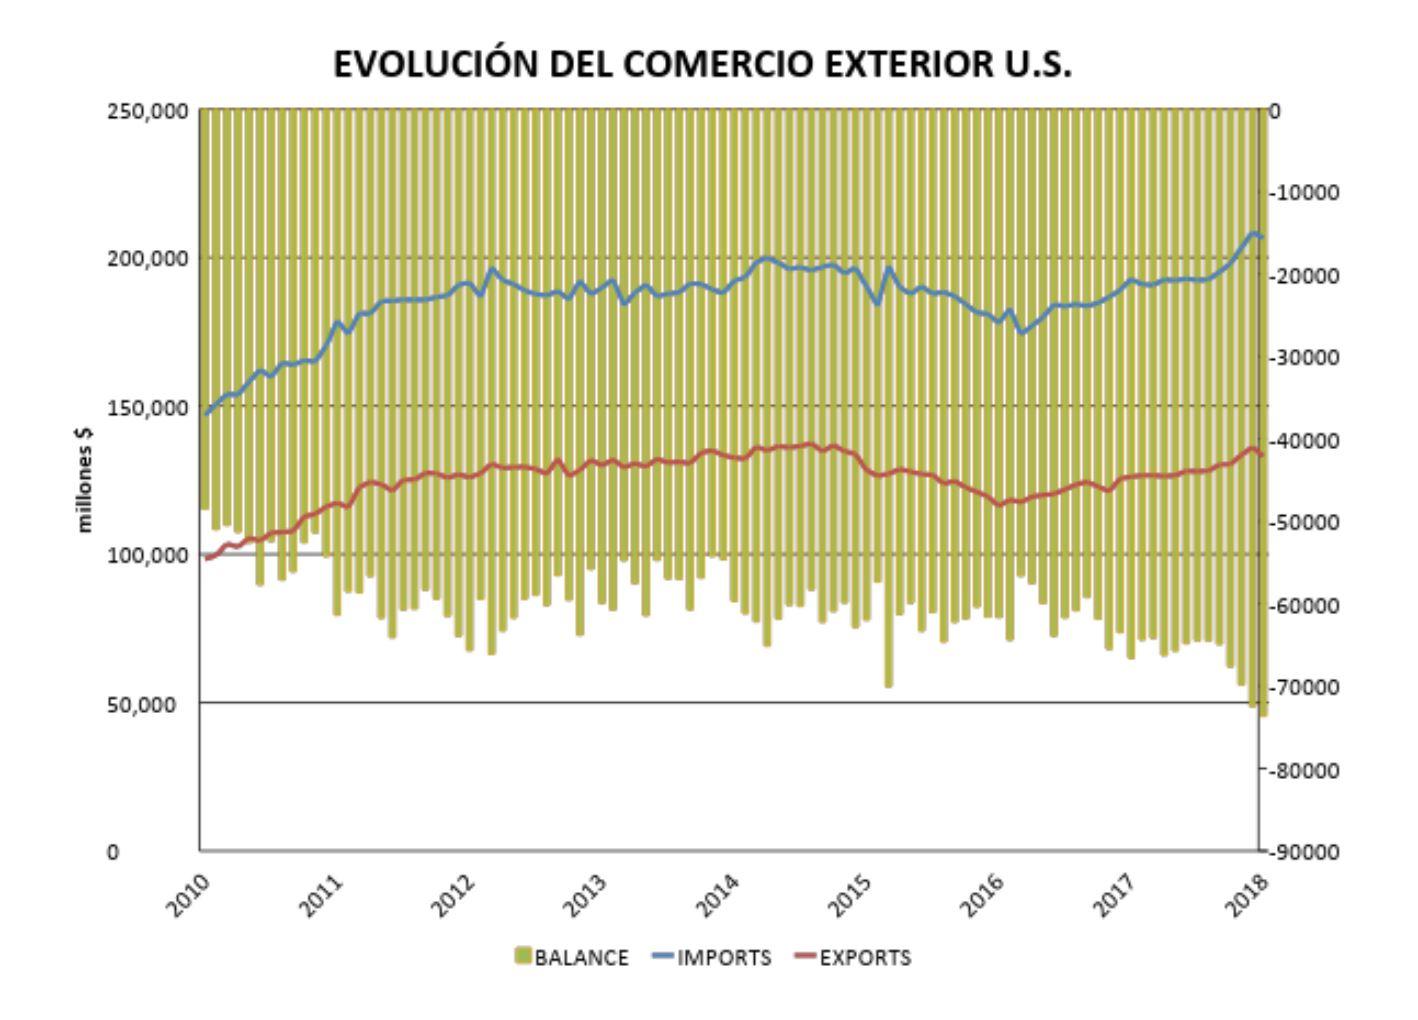 Evolución del comercio exterior